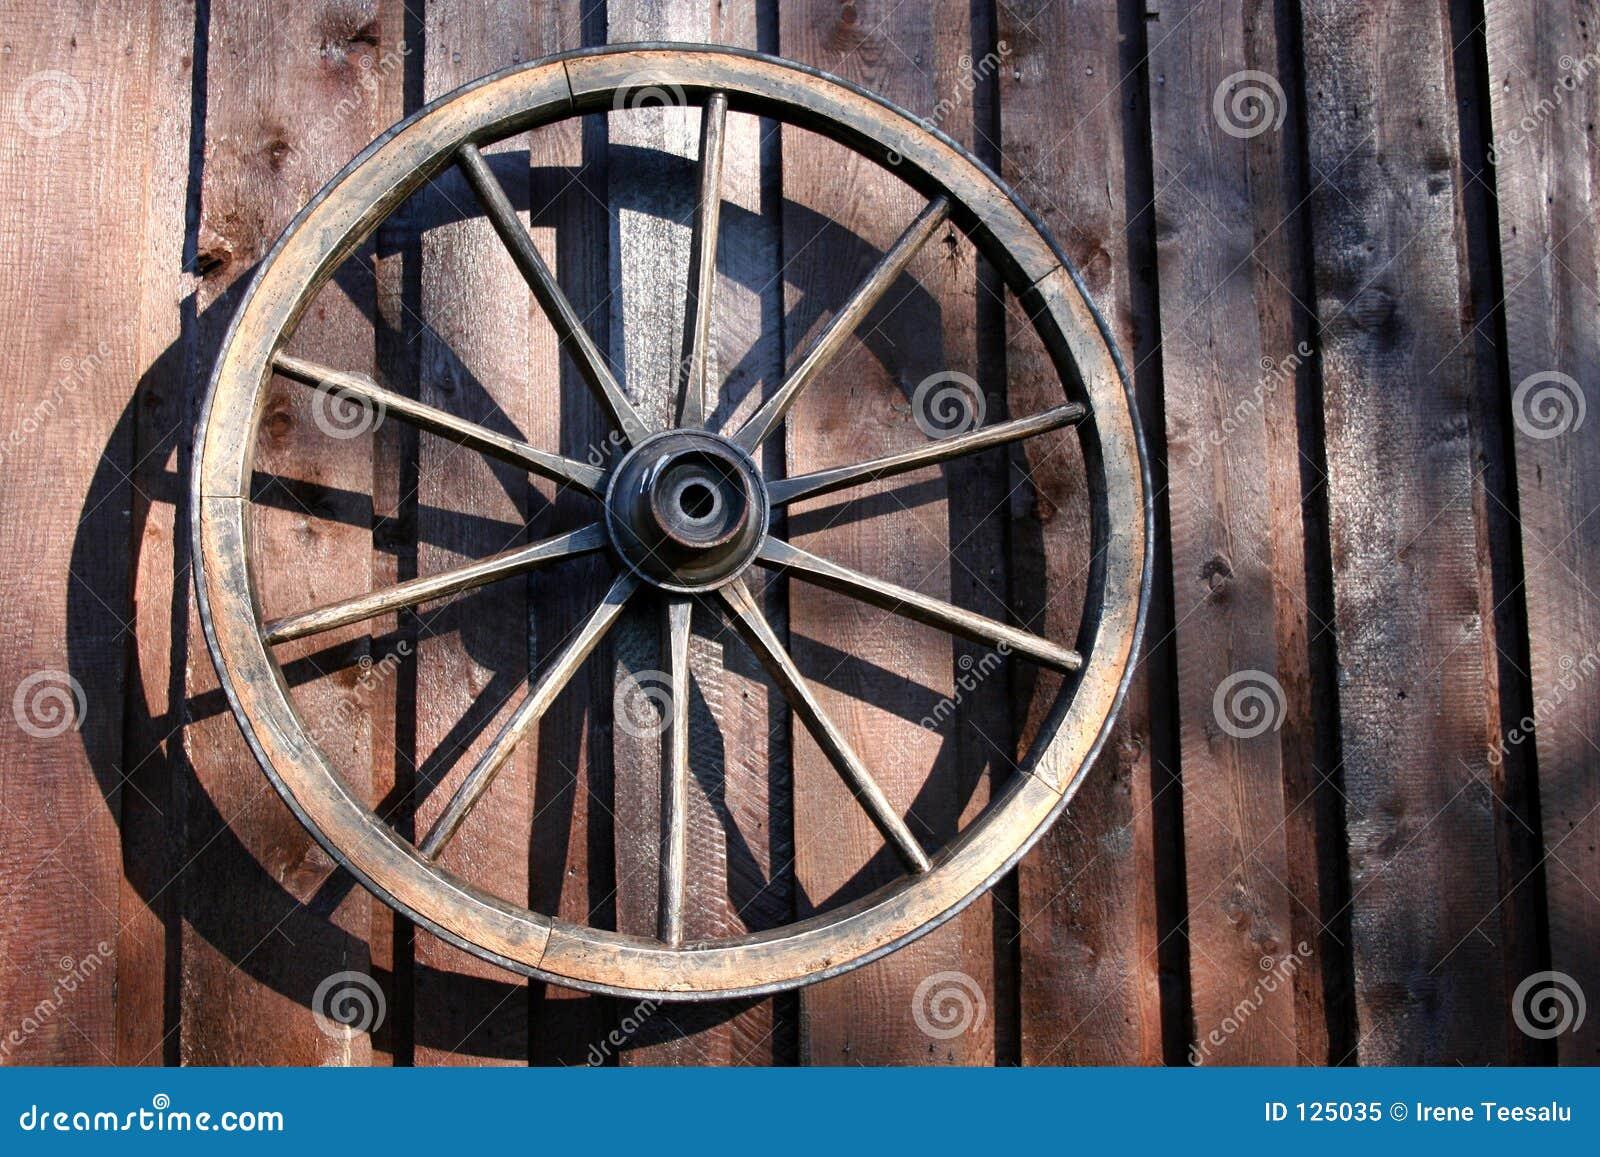 Roda de um carro velho